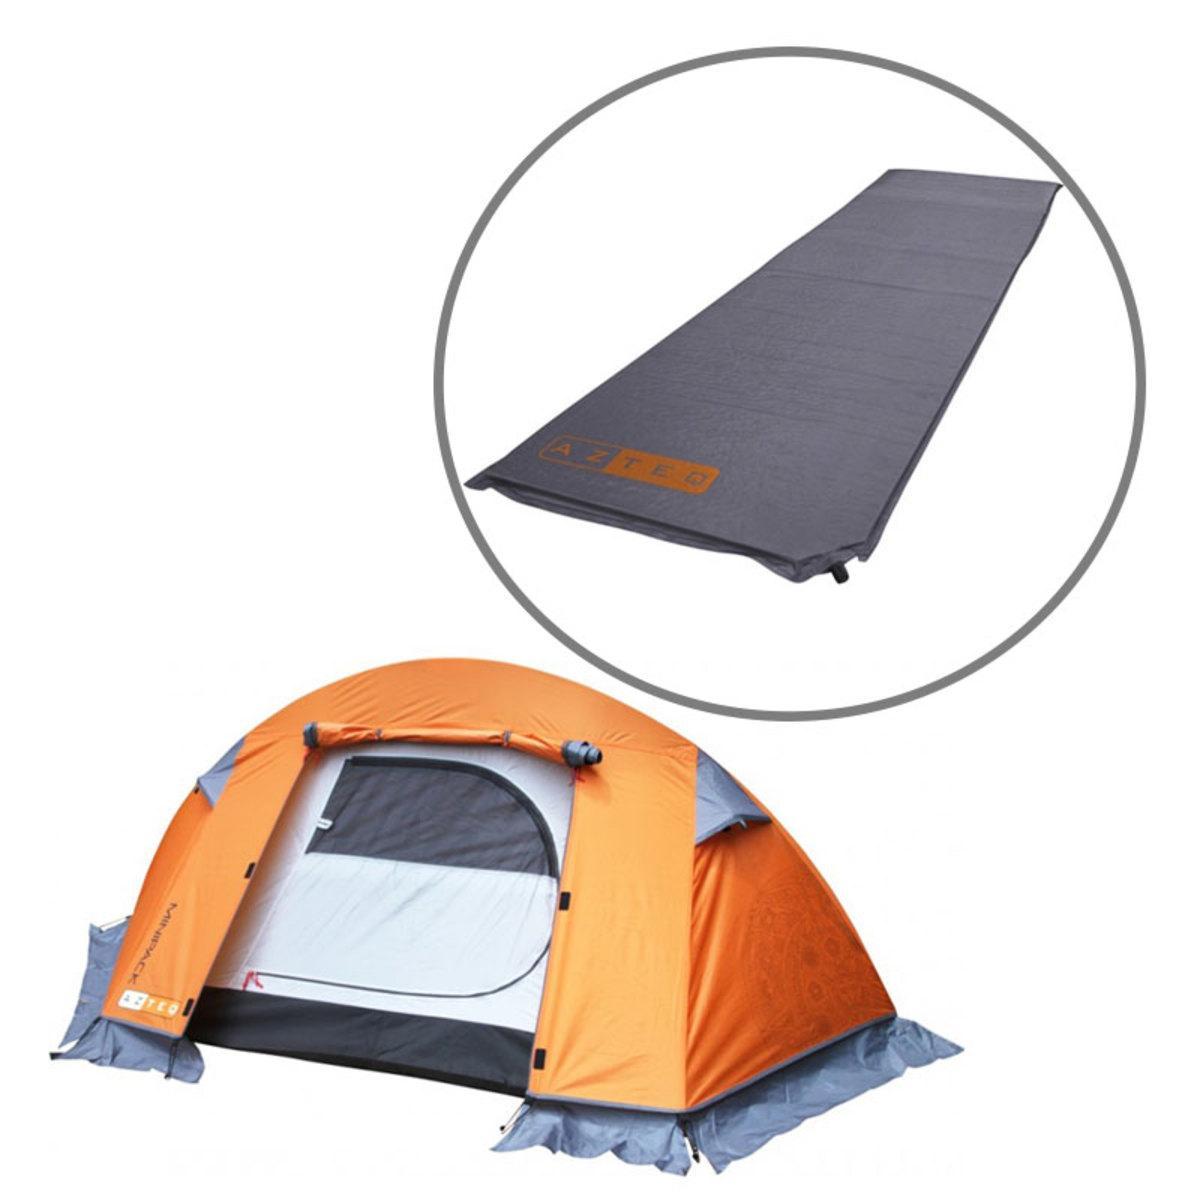 b01200adb Barraca de Camping Mini Pack 1 Pessoa Azteq + Isolante Térmico Colchão Auto  Inflável Ruby - Camelbak R  813